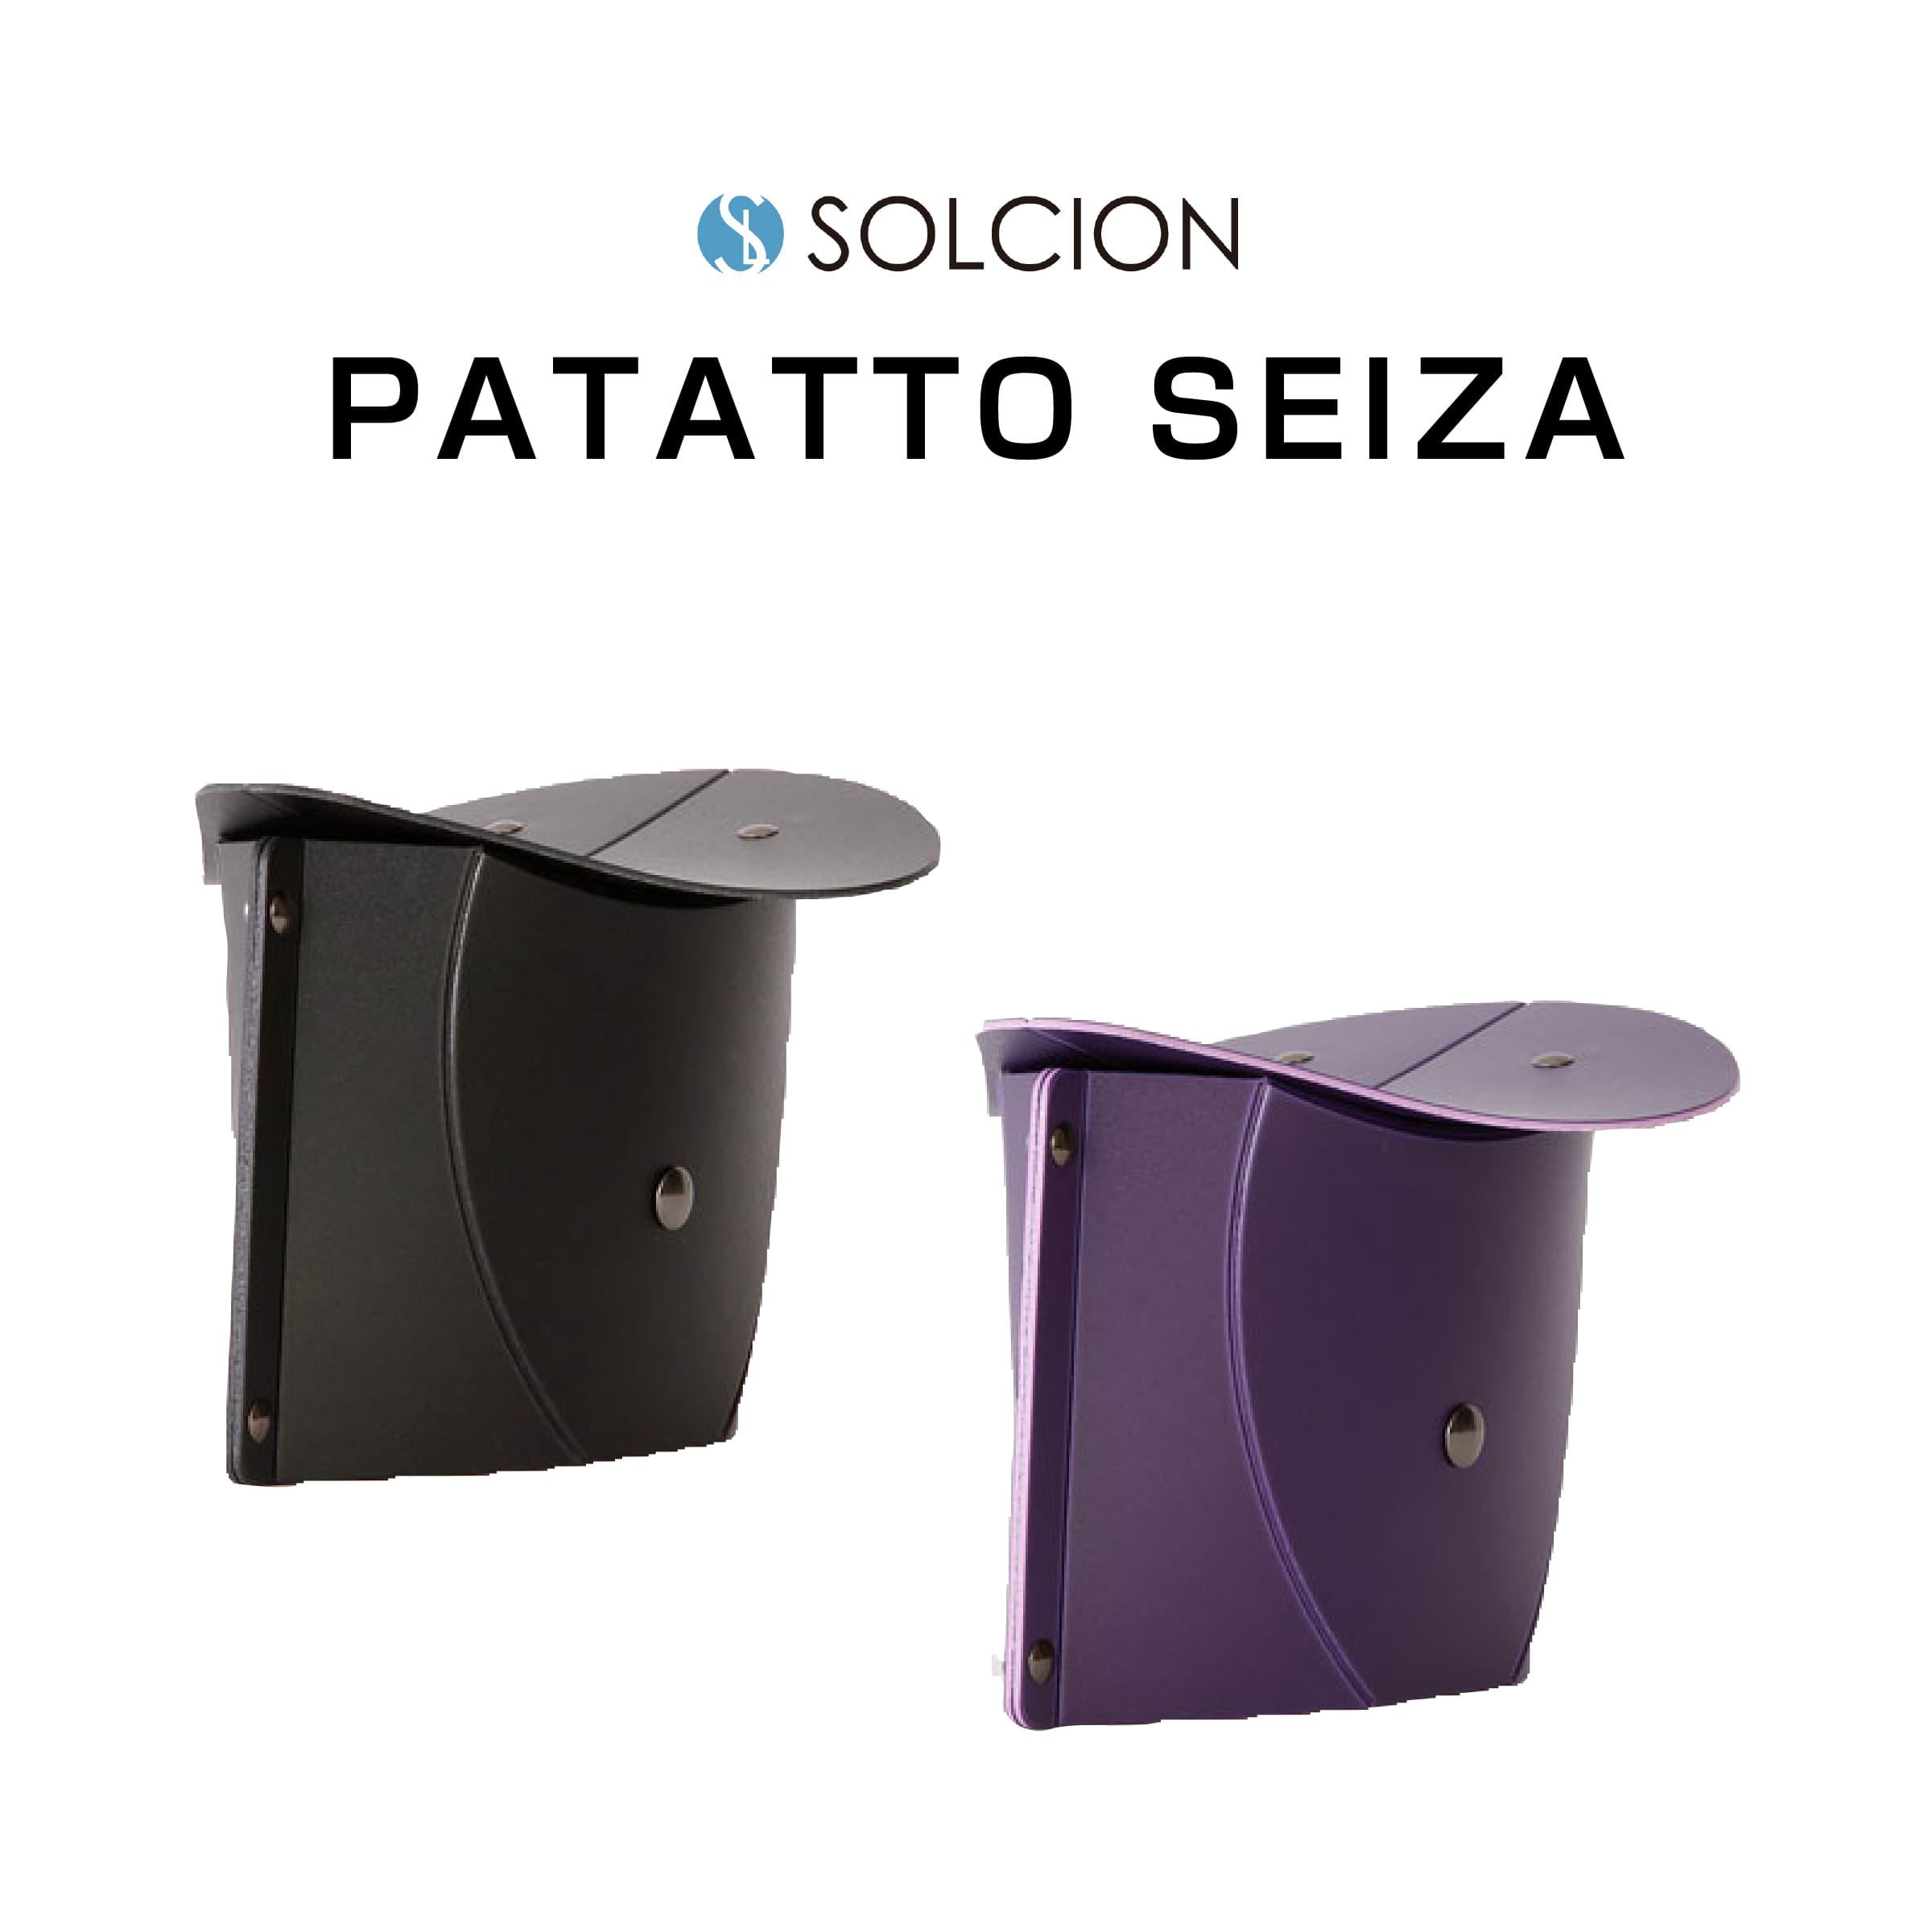 薄くて 軽い コンパクト な 折りたたみ 正座 イス 送料無料 PATATTO SEIZA SOLCION 毎日激安特売で 営業中です 法事 椅子 仏事 イケックス工業 おしゃれ 正座椅子 習字 生け花 記念日 スタイリッシュ